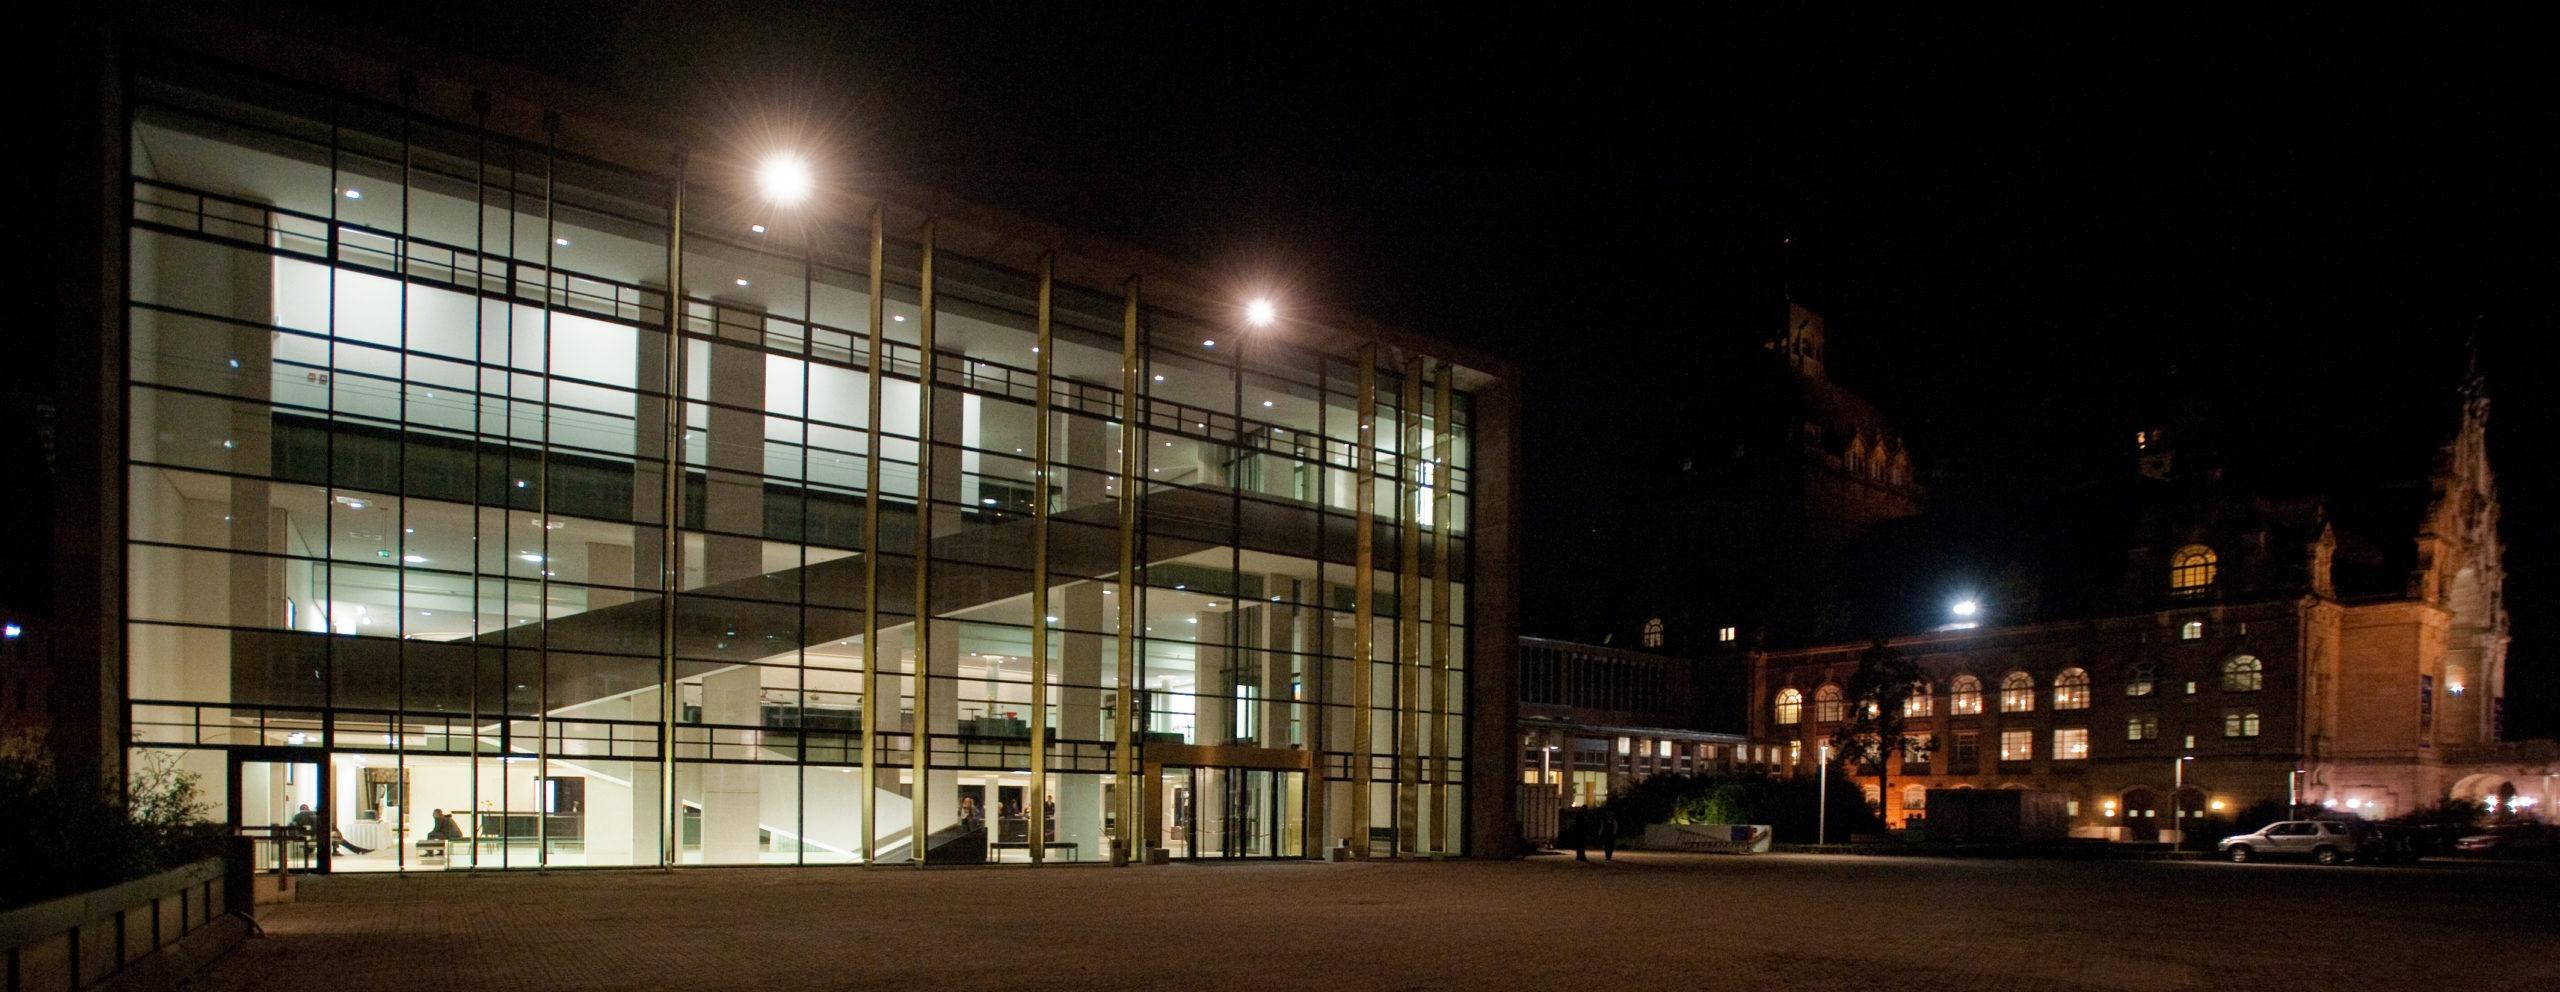 Schauspiehaus Nuernberg   Nuremberg Playhouse